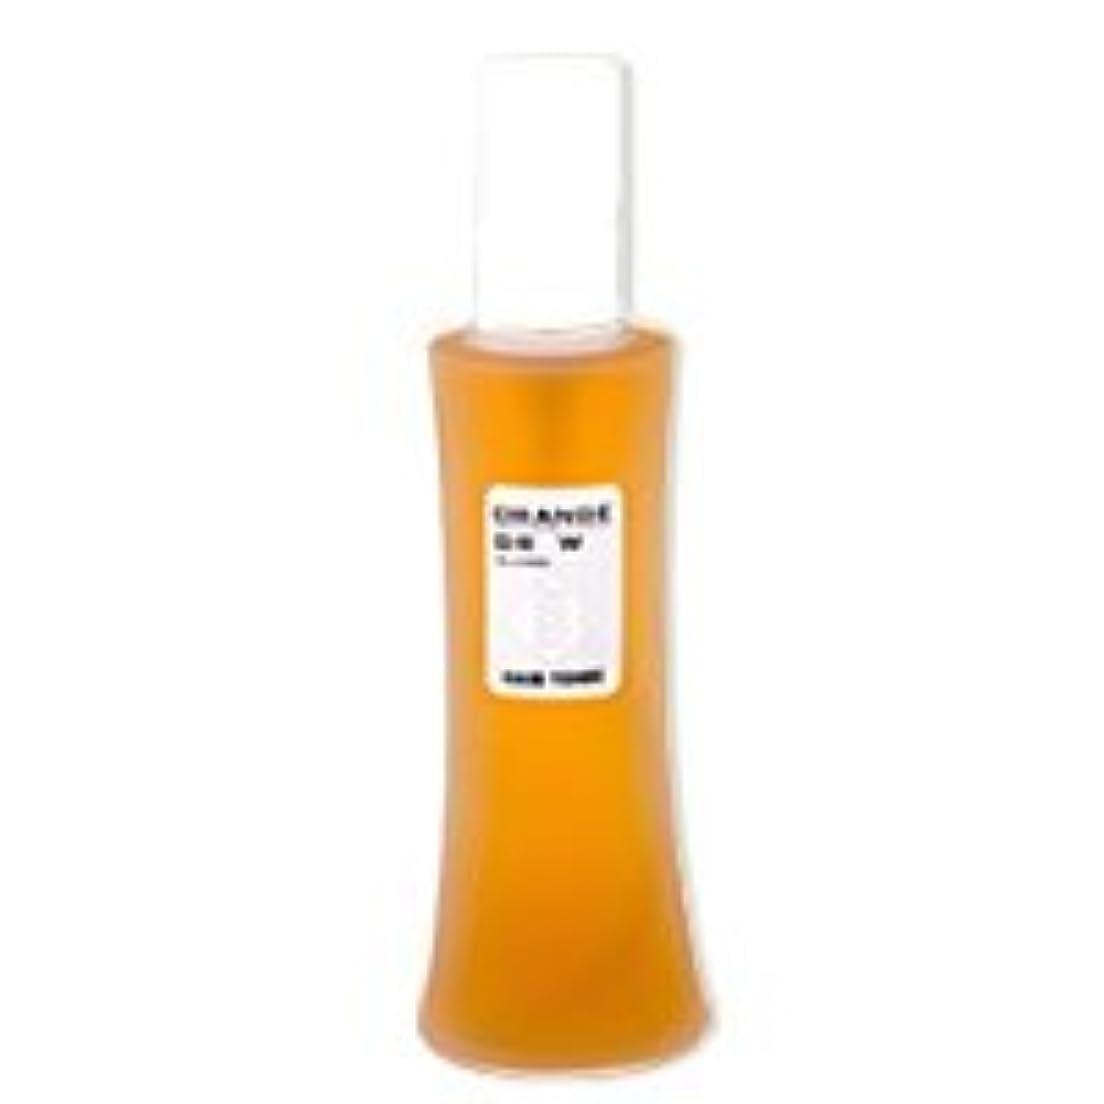 腰禁止不透明なオレンジグロウ ヘアートニック120ml×1本